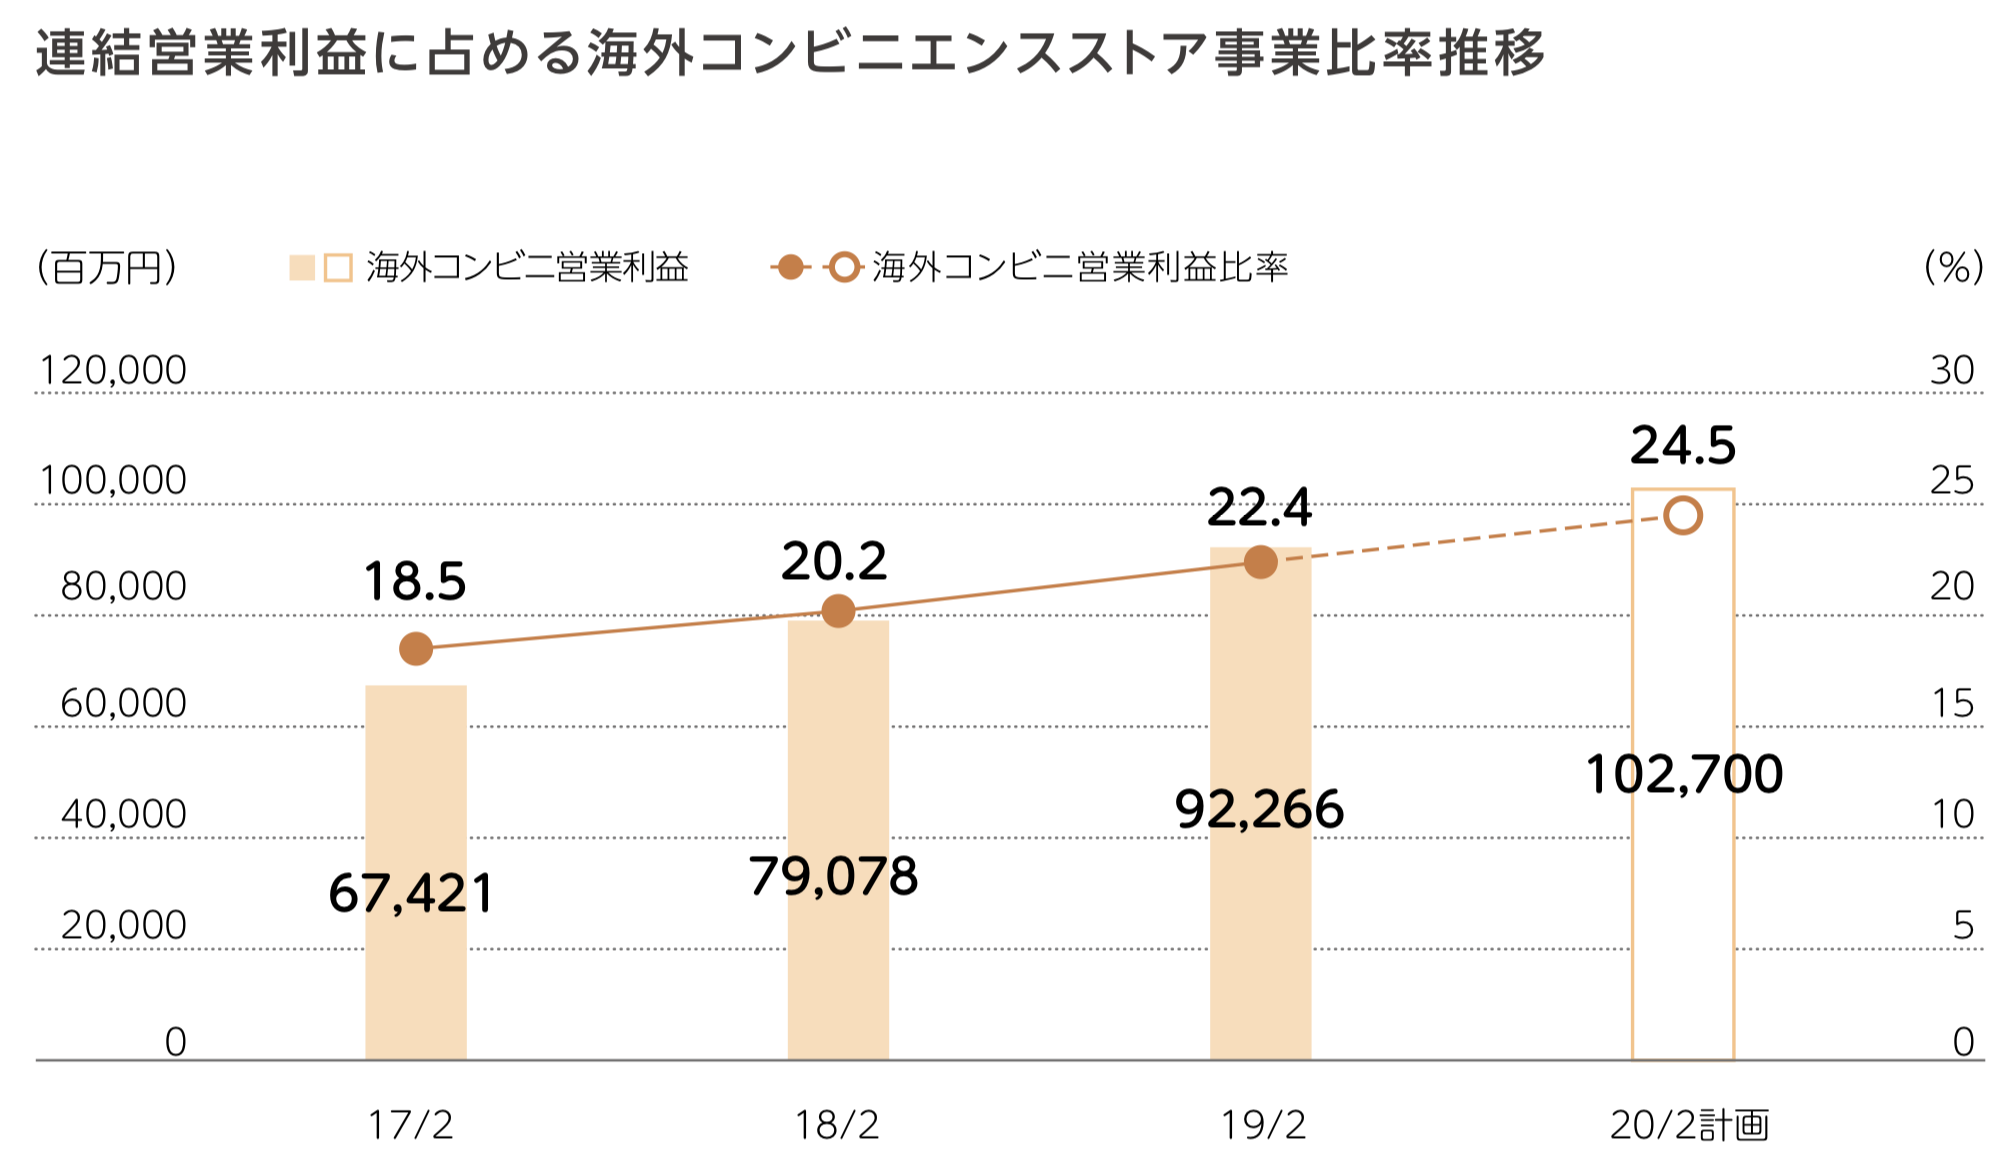 株式会社セブン&アイ・ホールディングス 連結営業利益に占める海外コンビニエンスストア事業比率推移